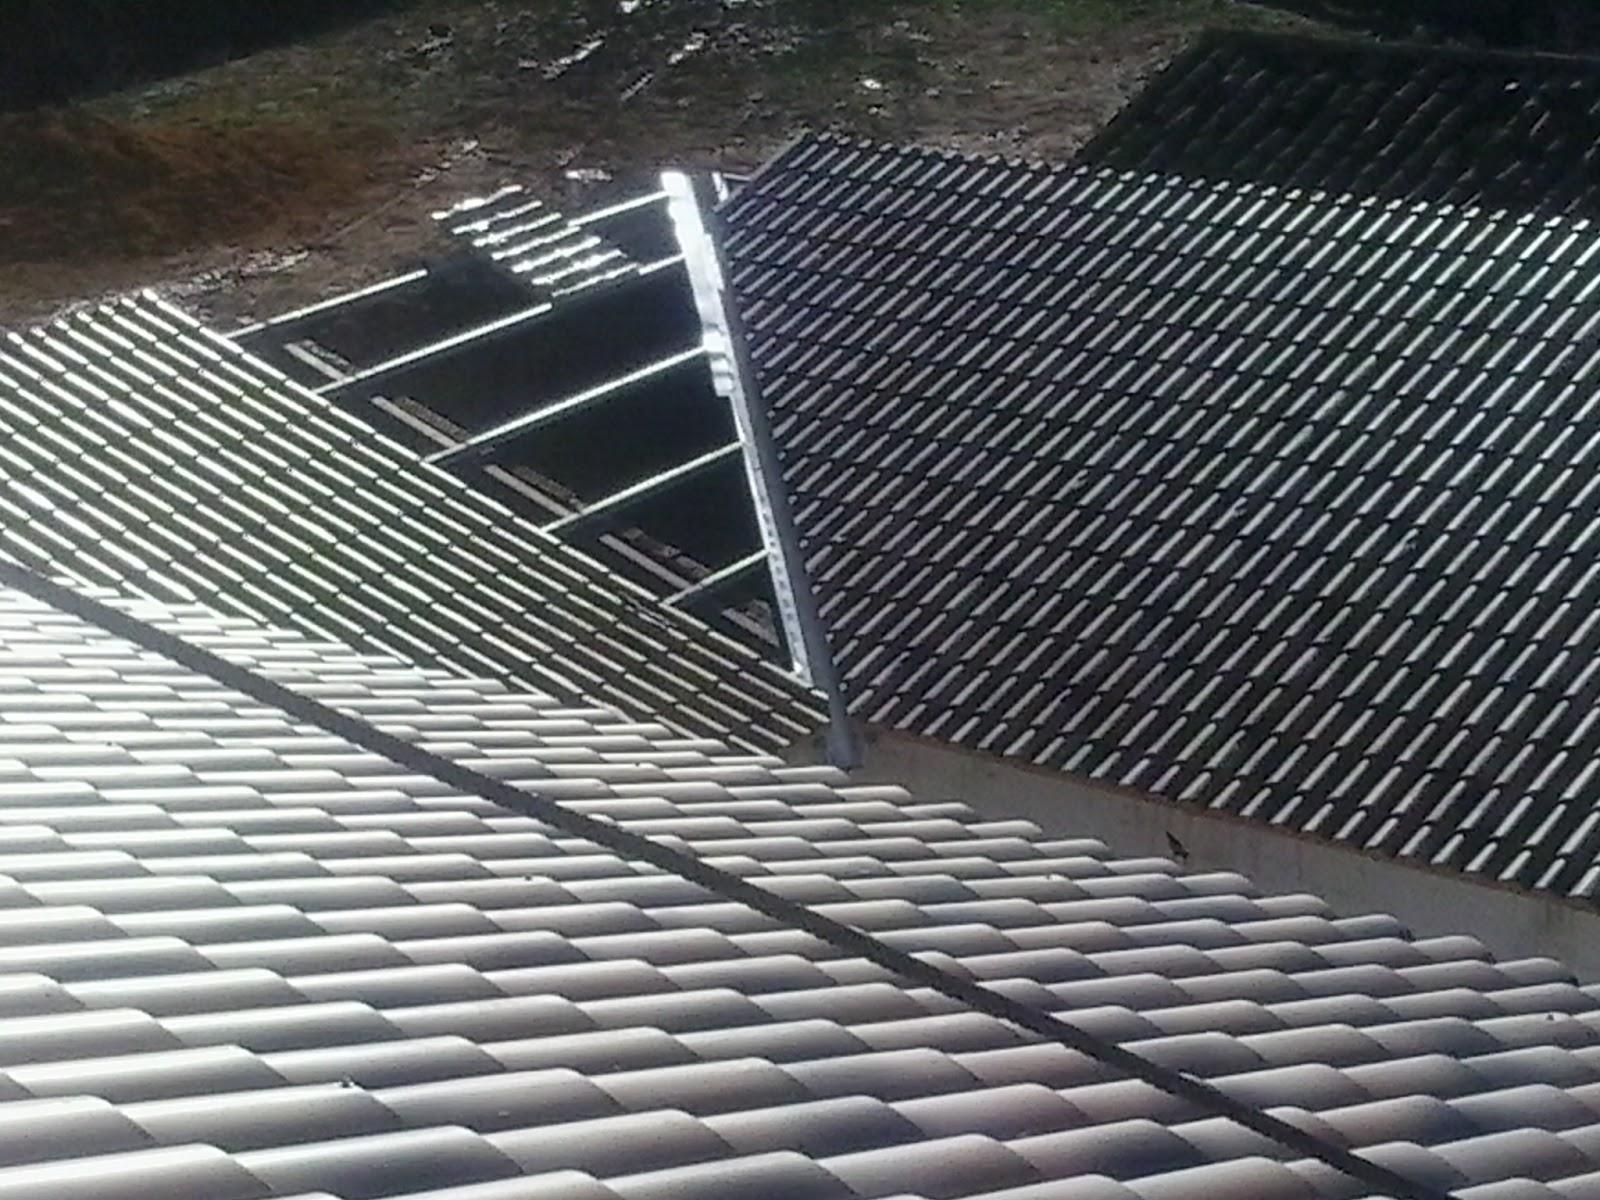 Tejados de pizarra 644 34 87 47 - Material para tejados ...